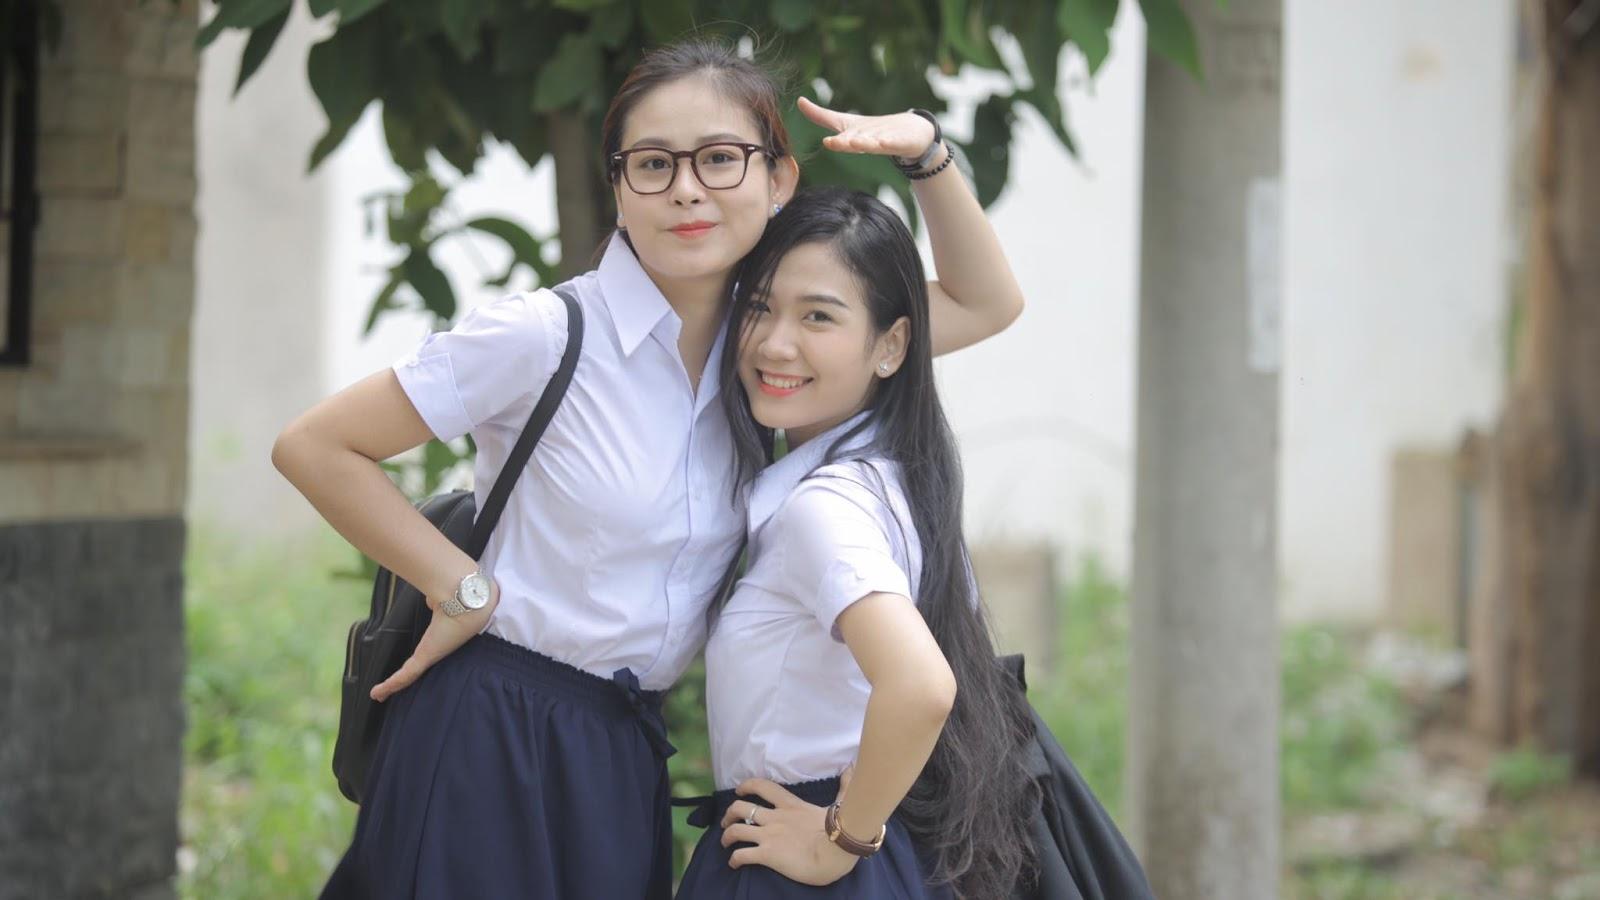 anh do thu faptv 2016 50 - HOT Girl Đỗ Thư FAPTV Gợi Cảm Quyến Rũ Mũm Mĩm Đáng Yêu